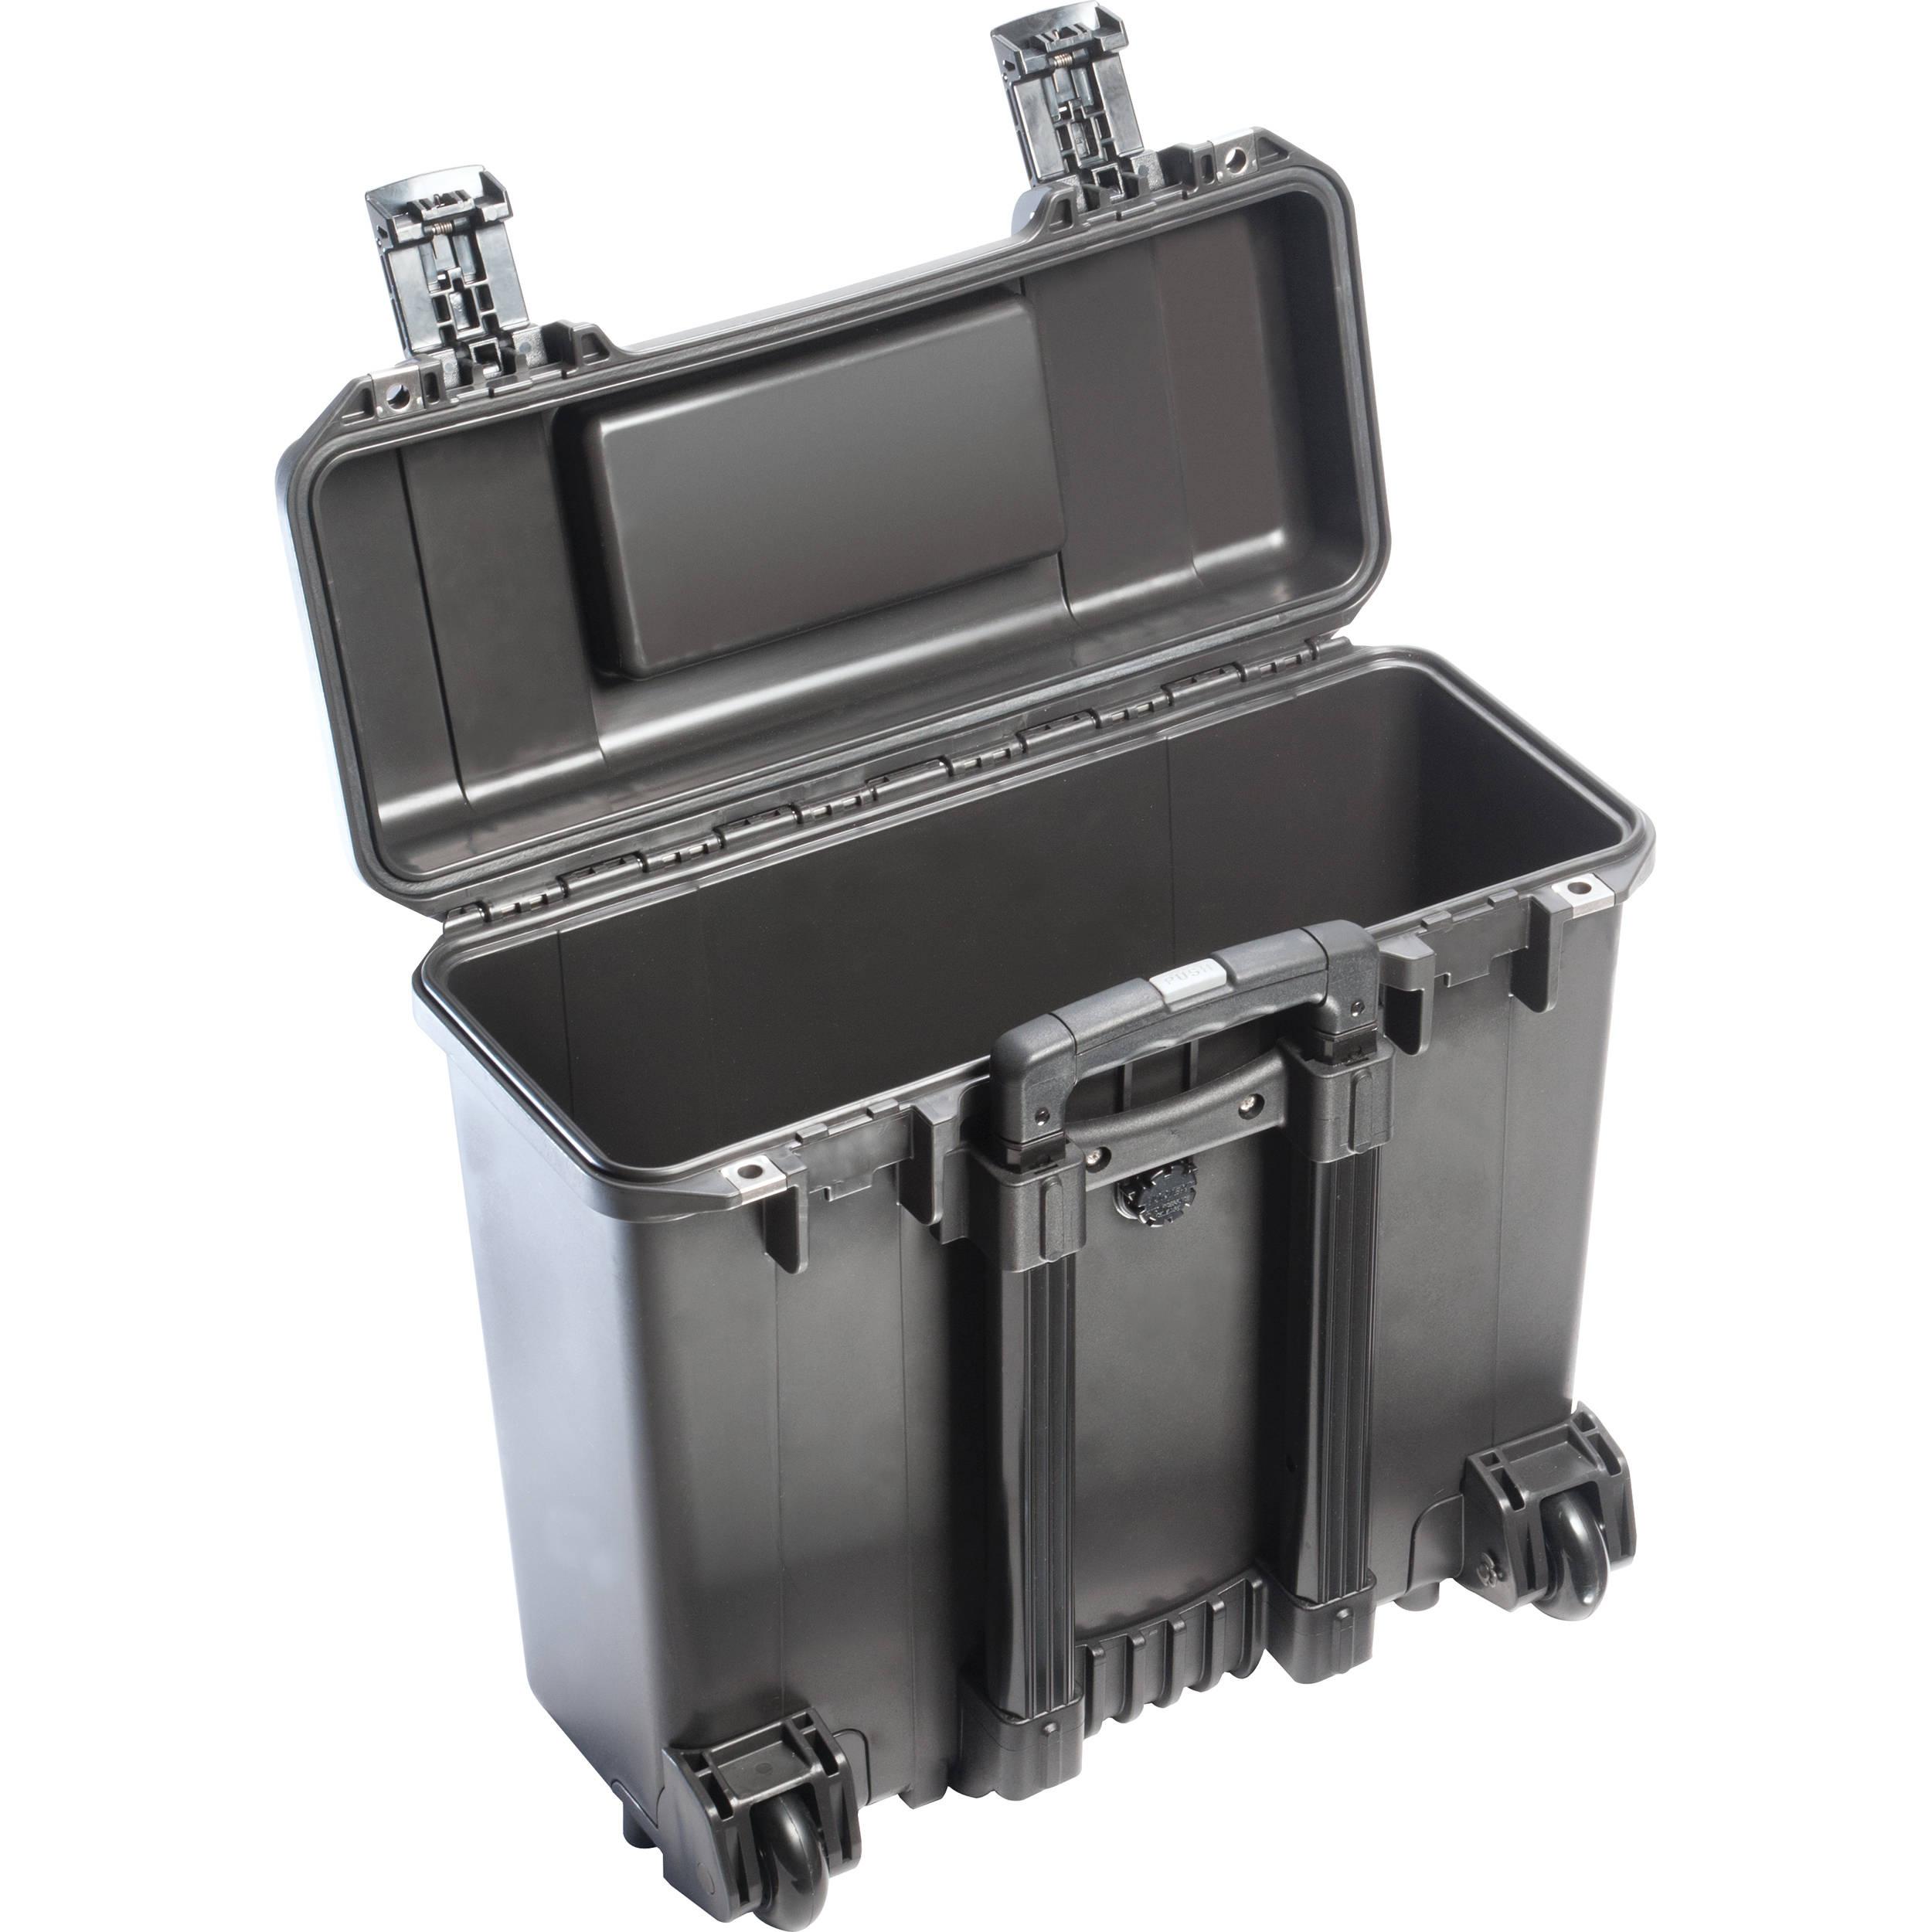 Pelican Storm iM2435 Top Loader Case no Foam (Black)